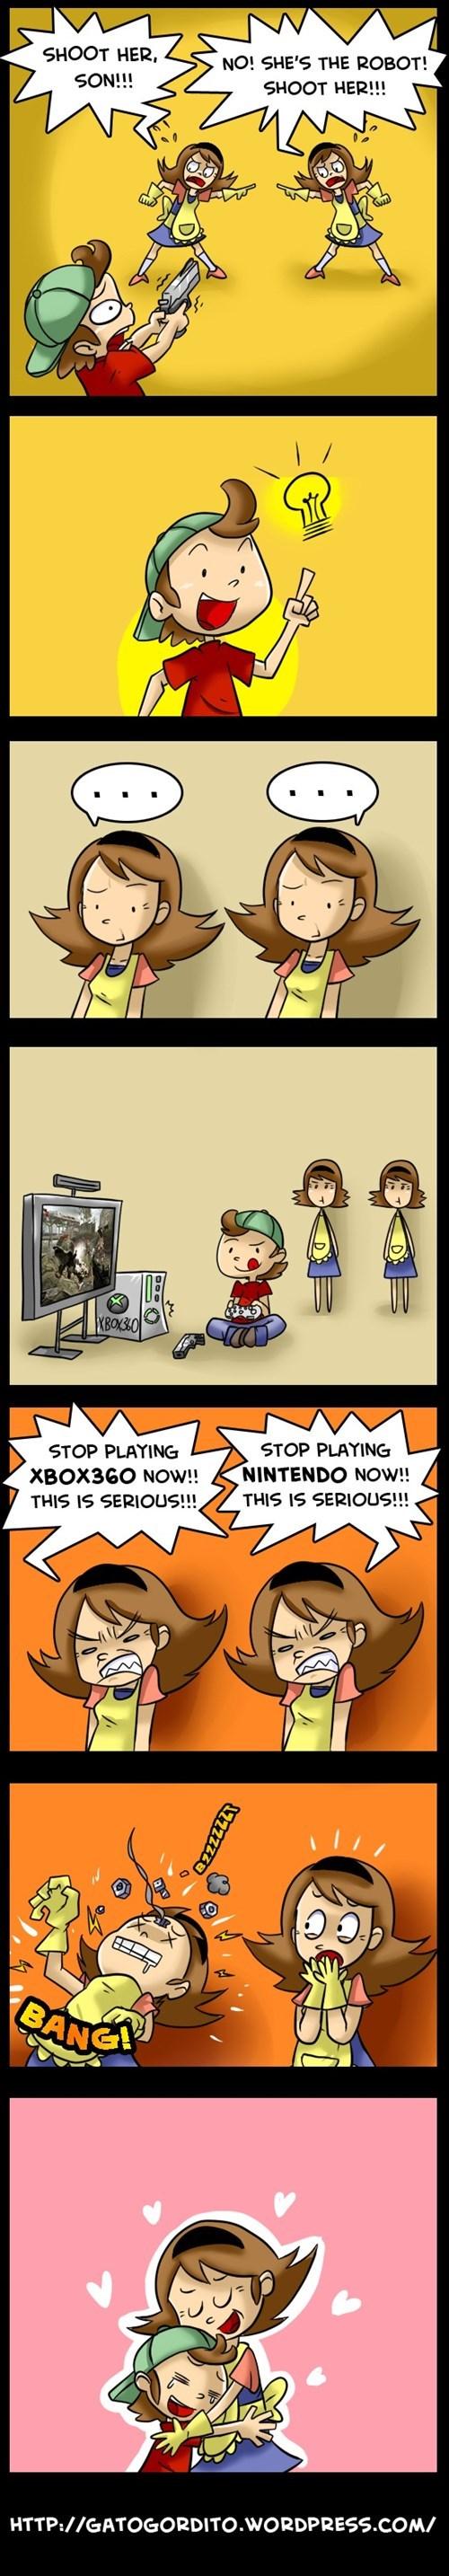 comics,moms,gamers